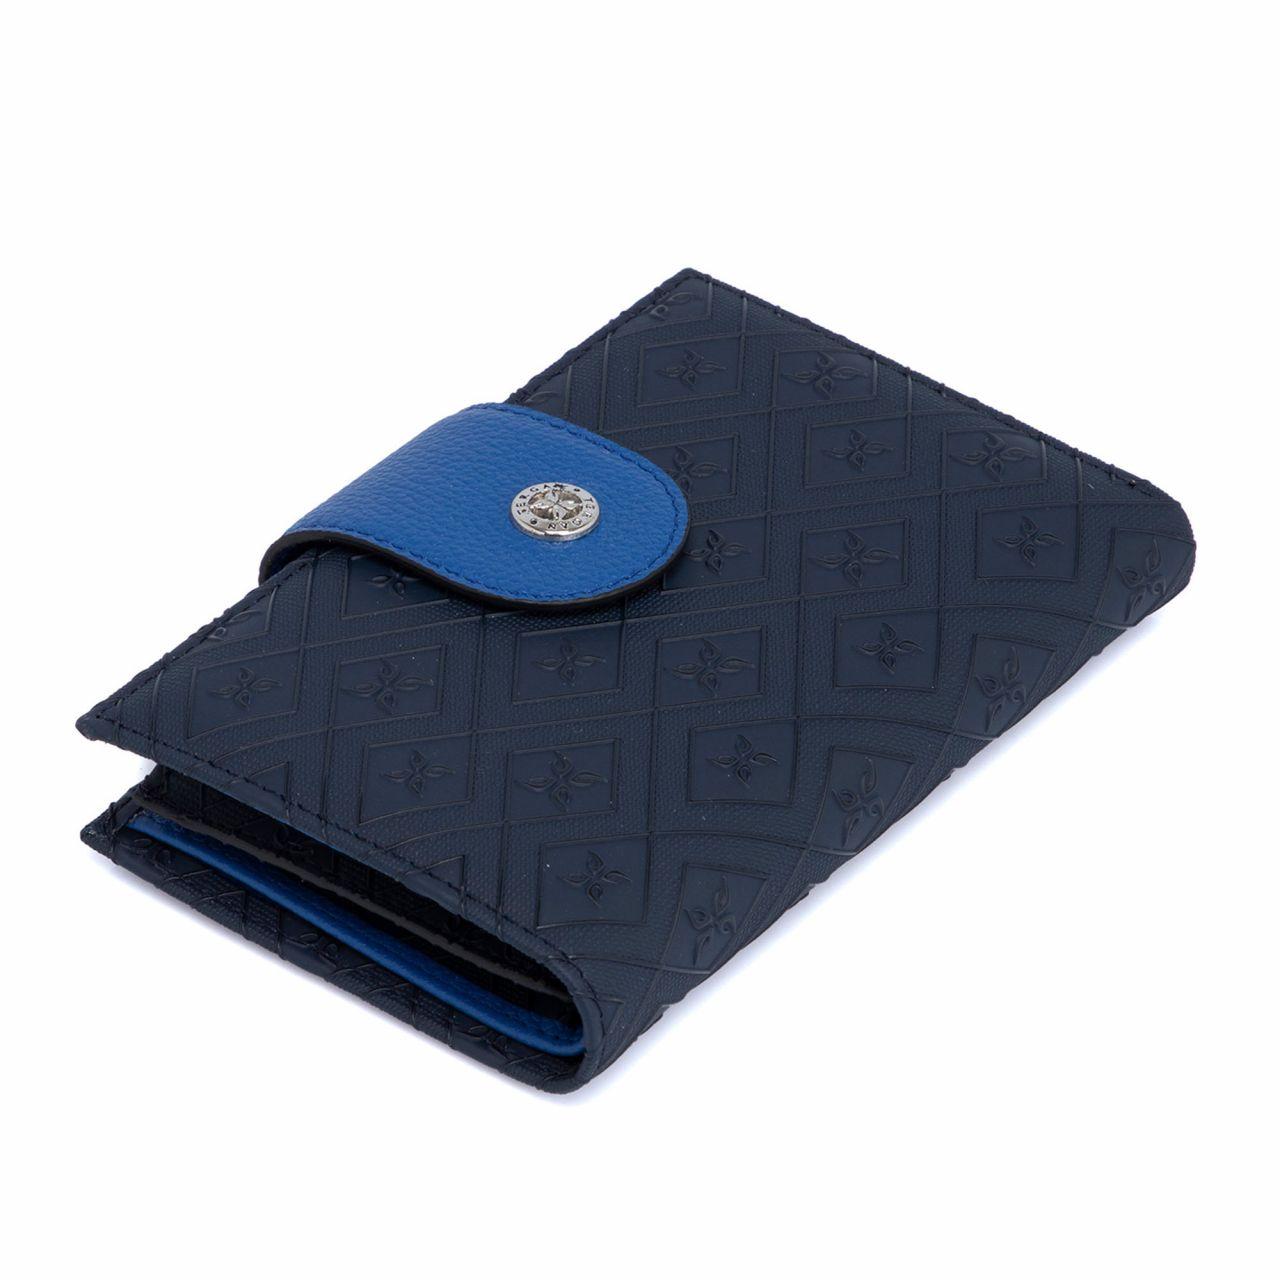 Dark blue women's purse